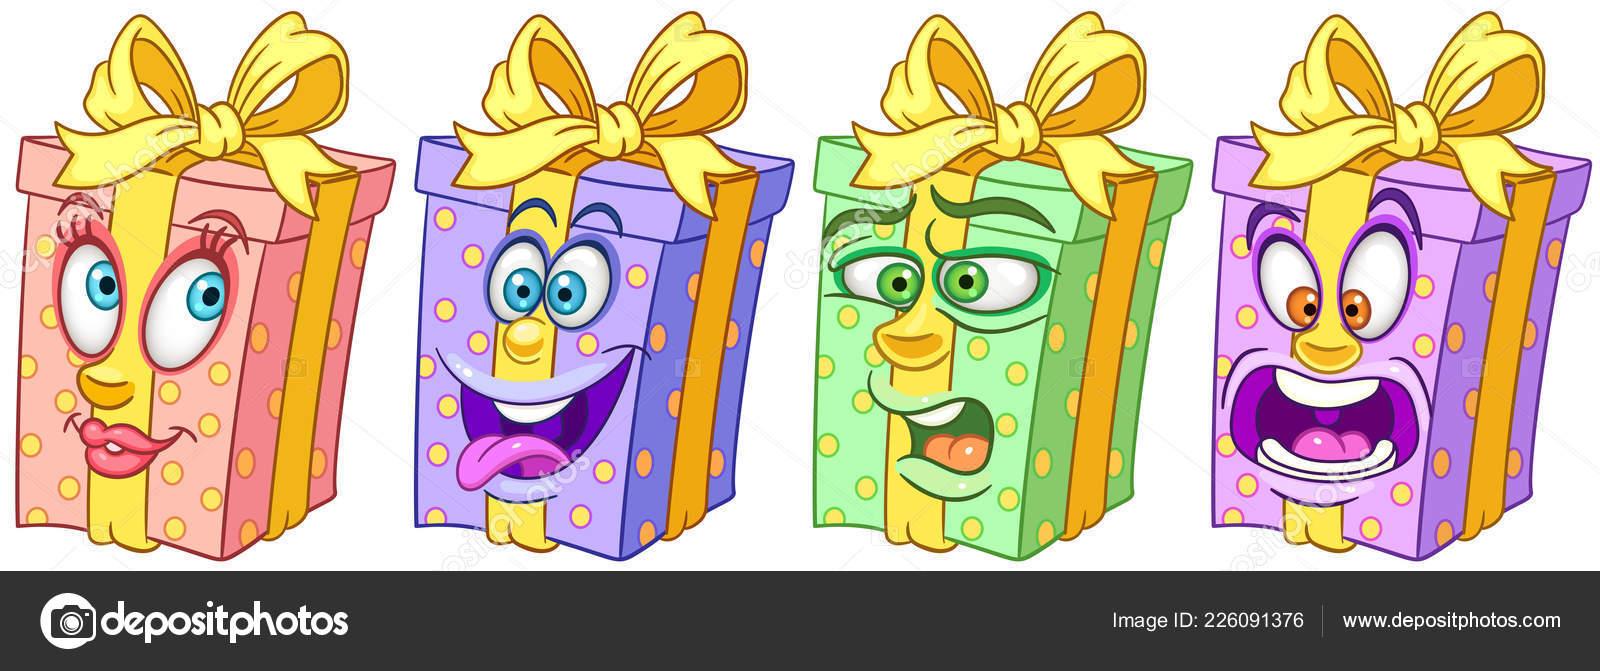 Contenitore regalo regali compleanno concetto celebrazione festa